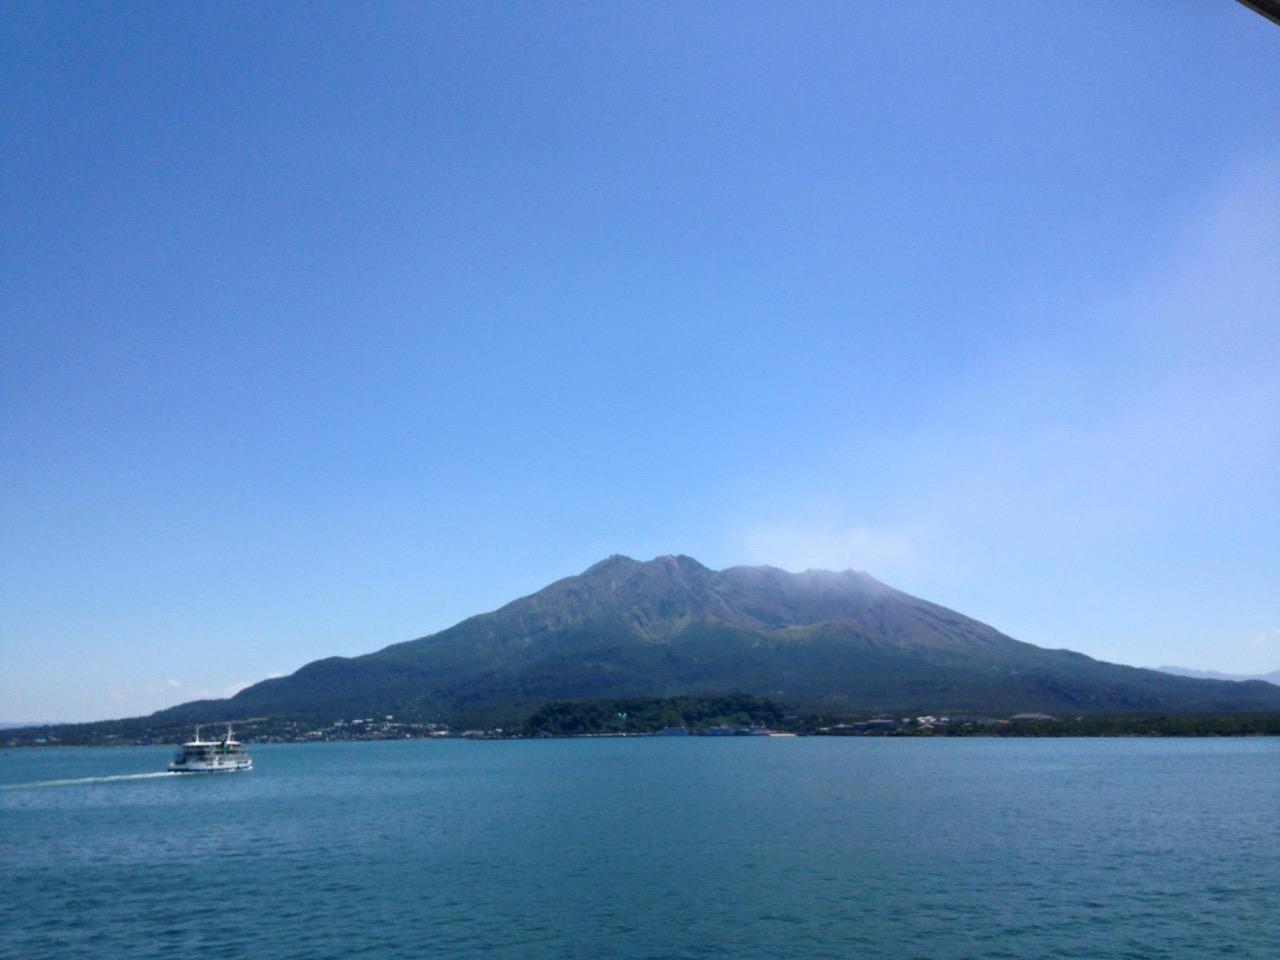 日本九州南部的「櫻島」是世界上僅存的「活火山」之一。因為地形的關係,在不同時空,呈現出來的樣貌大不相同,因此,櫻島也被稱為「七色島」。要感受活火山的威力,鹿兒島的櫻島火山是一個活的地理教室,值得一遊。